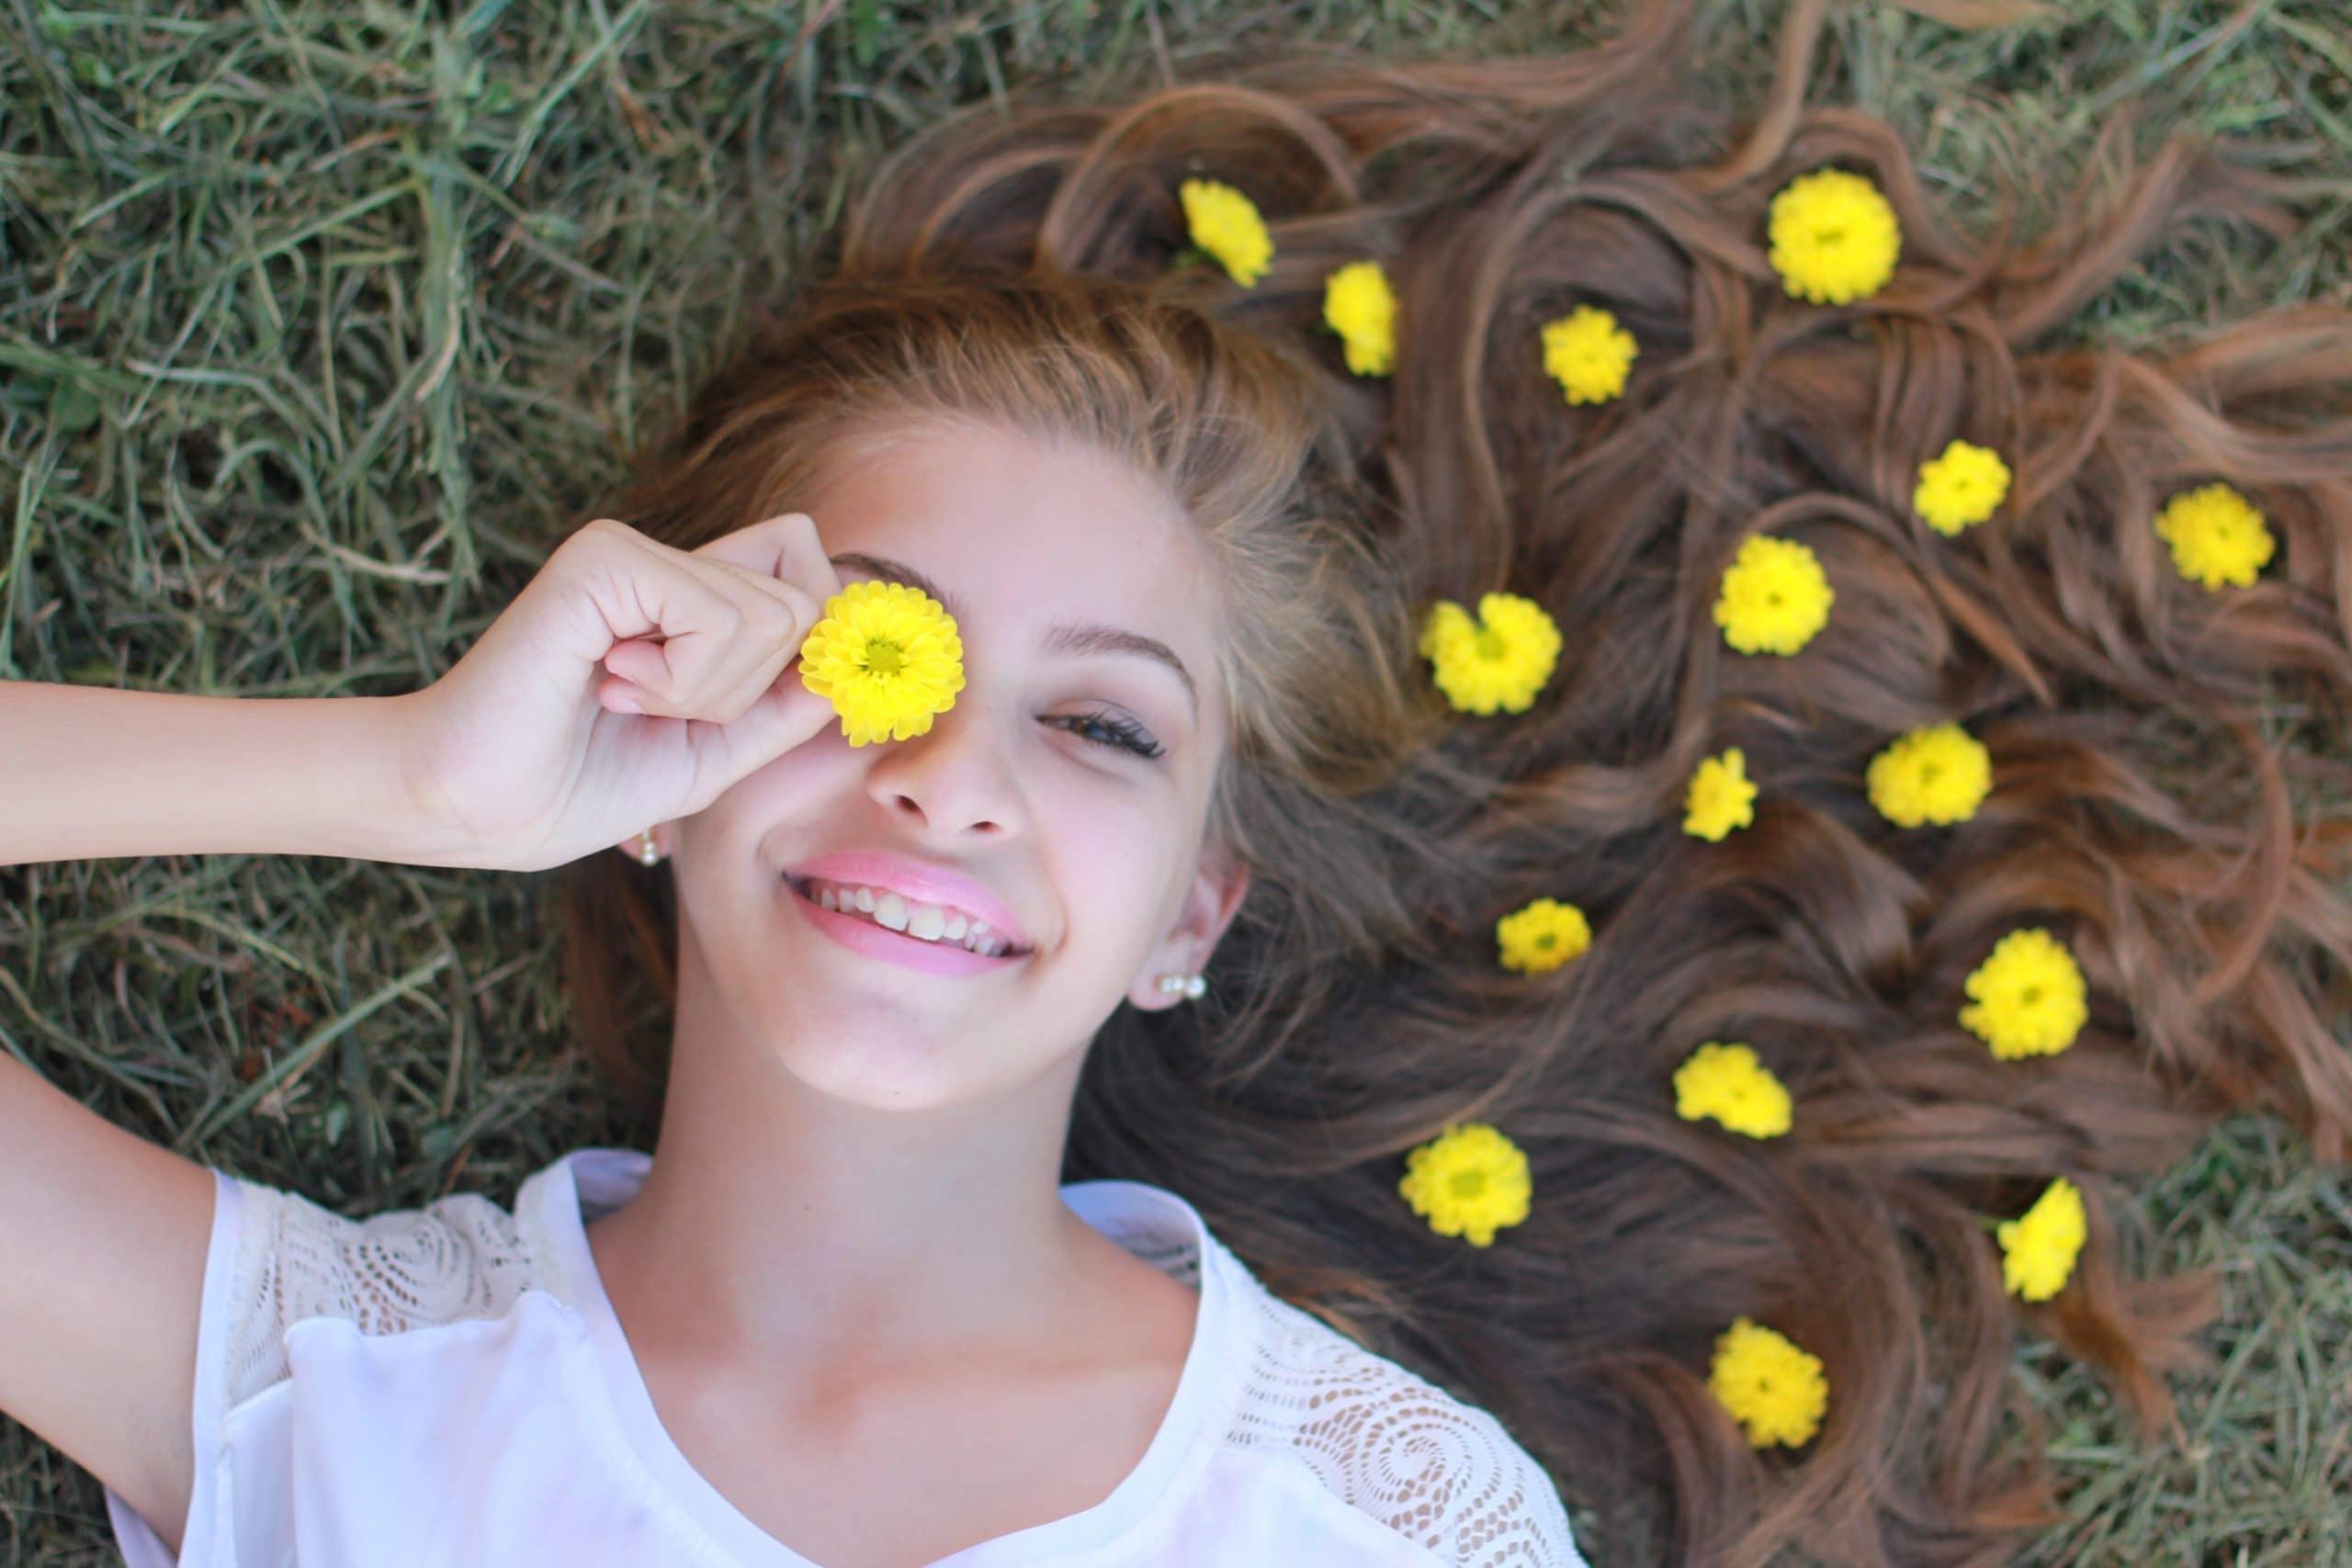 Menina deitada com cabelo pela grama e flores amarelinhas espalhadas pelo cabelo